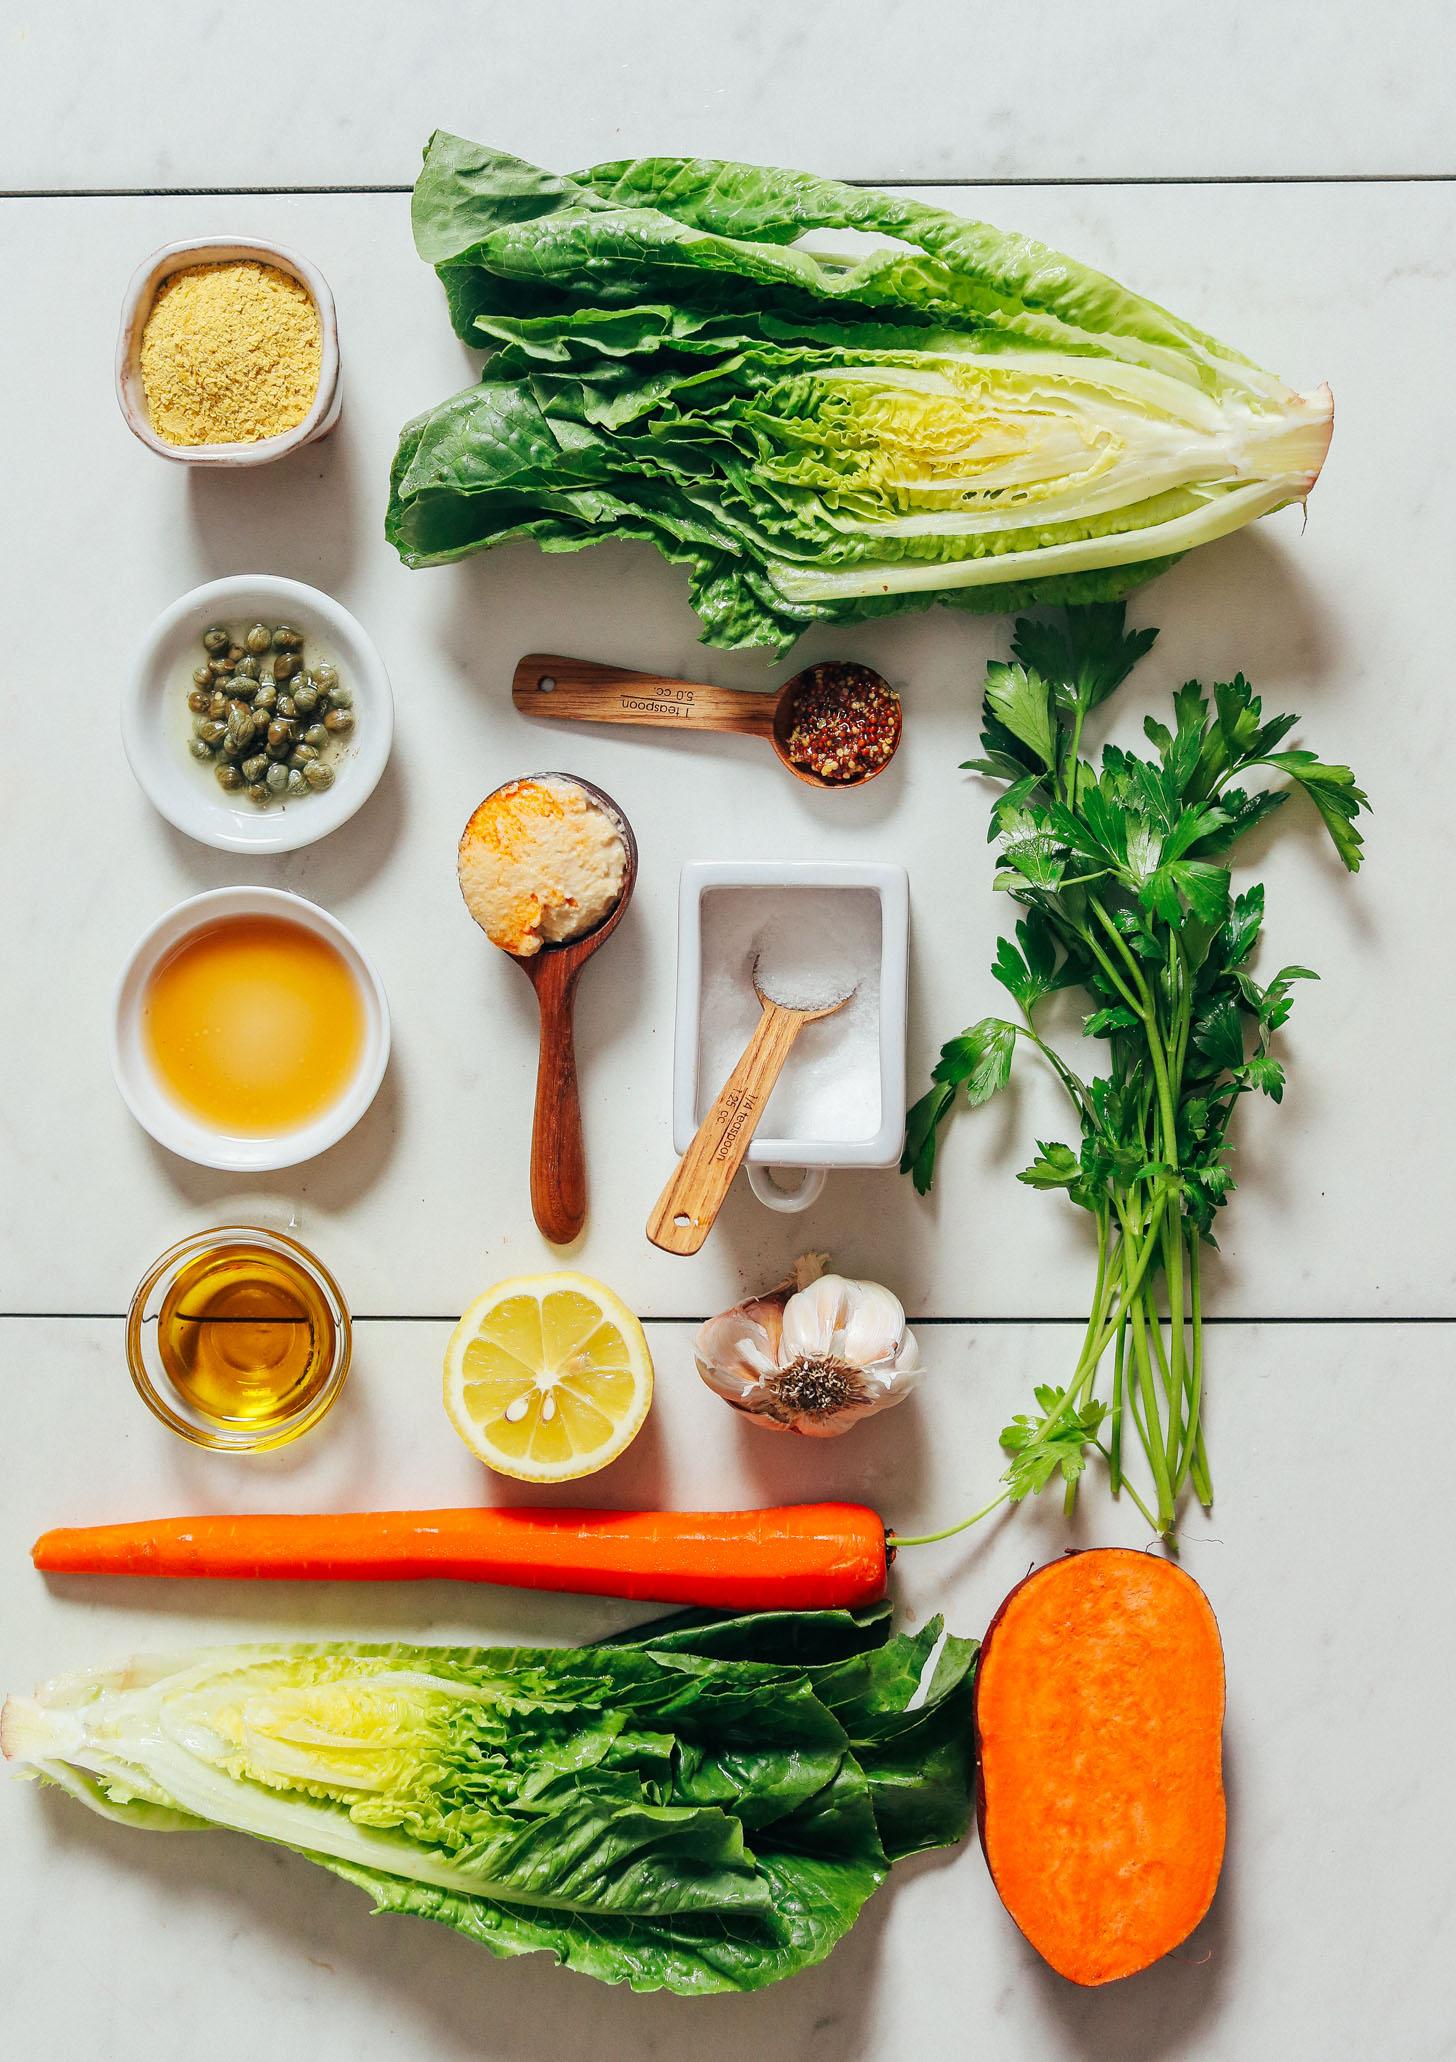 Romaine, fermento nutricional, alcaparras, cenouras, batata-doce, alho, homus, limão, azeite e temperos